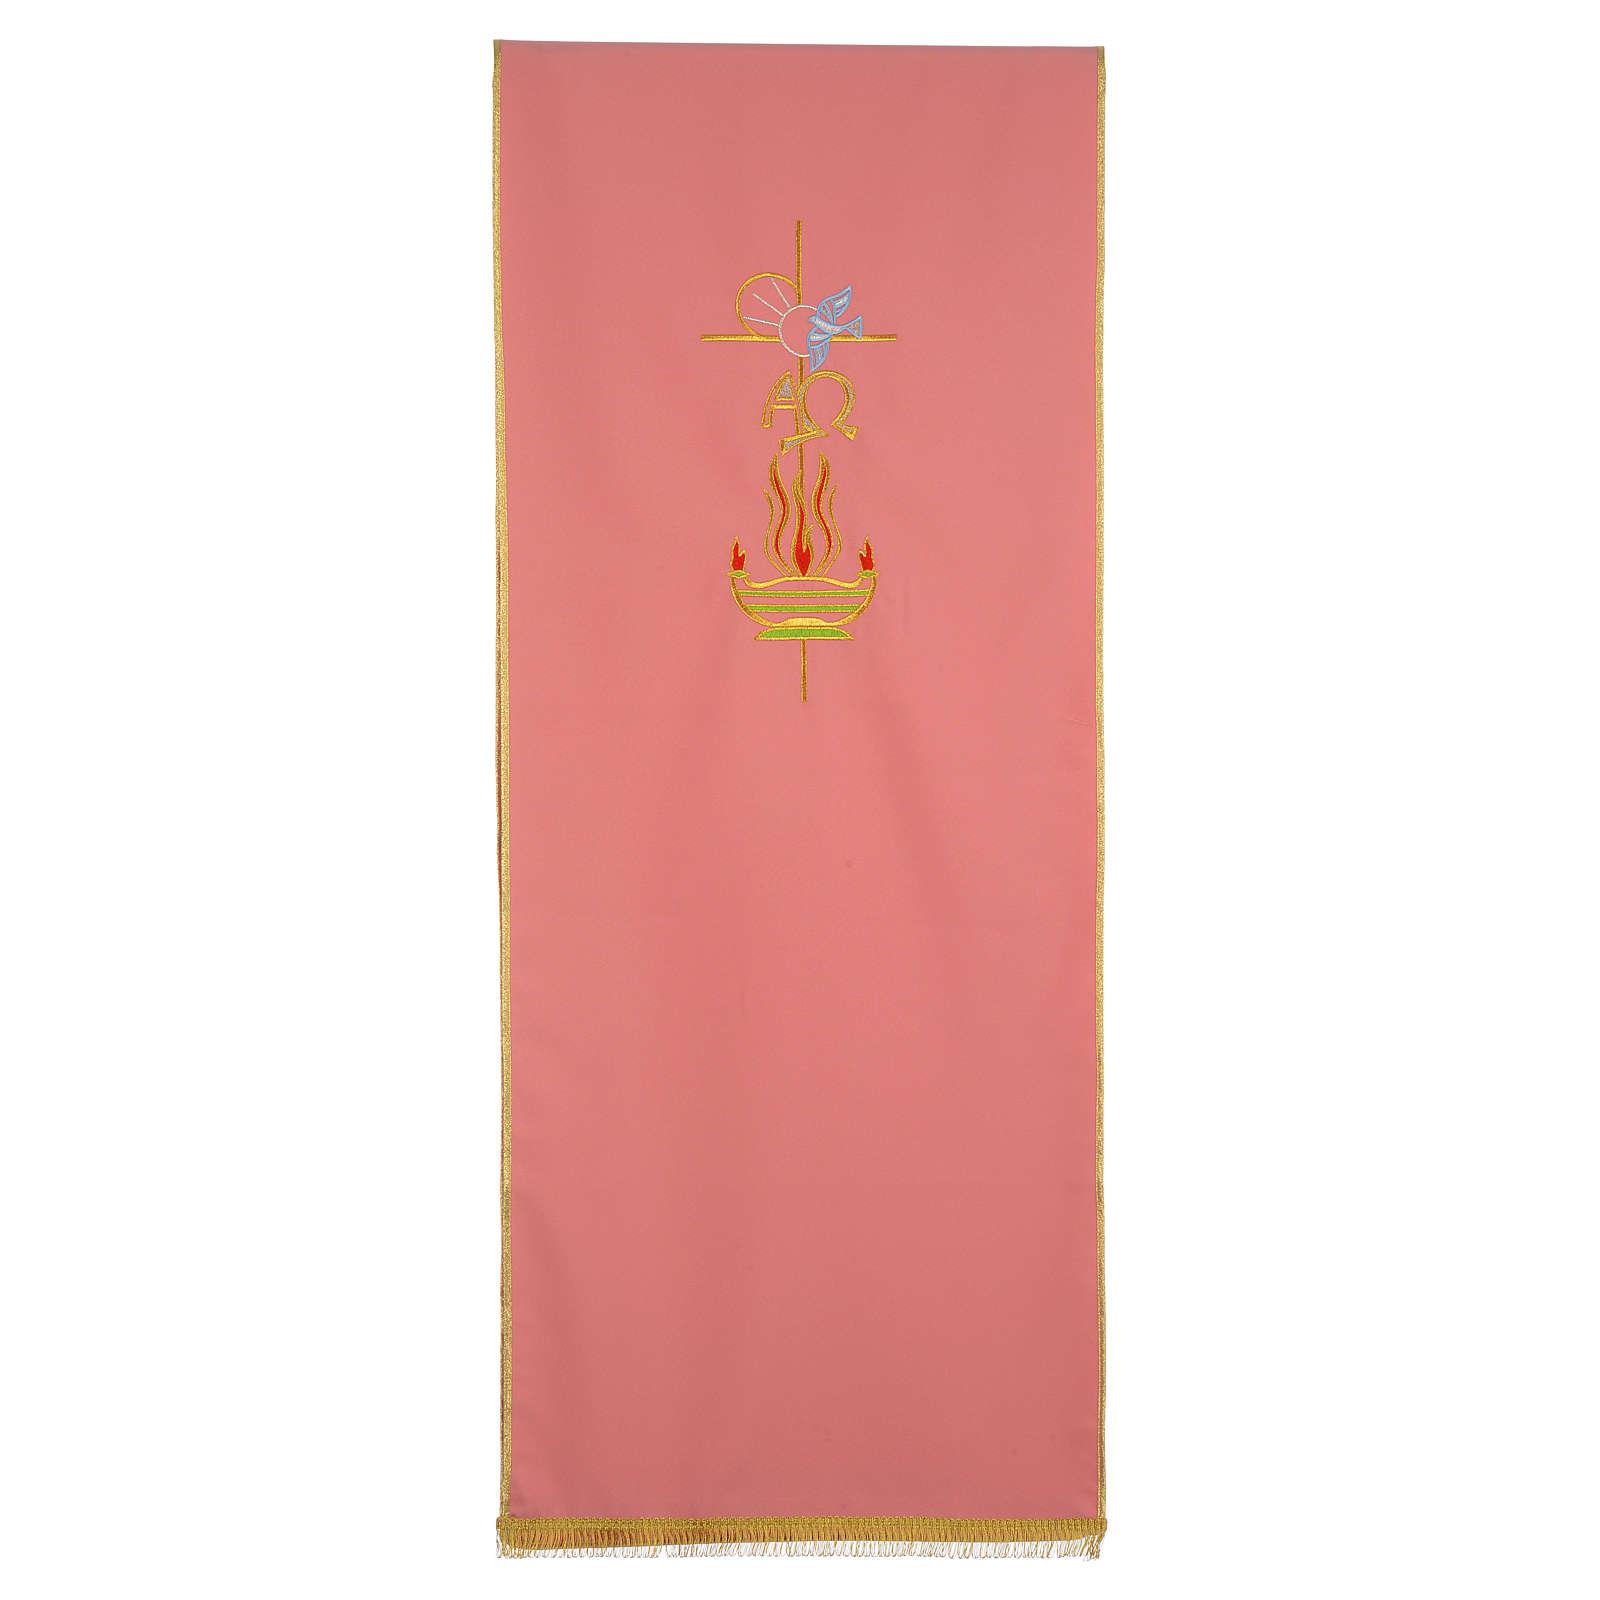 Coprileggio rosa 100% poliestere croce alfa omega fiamma 4